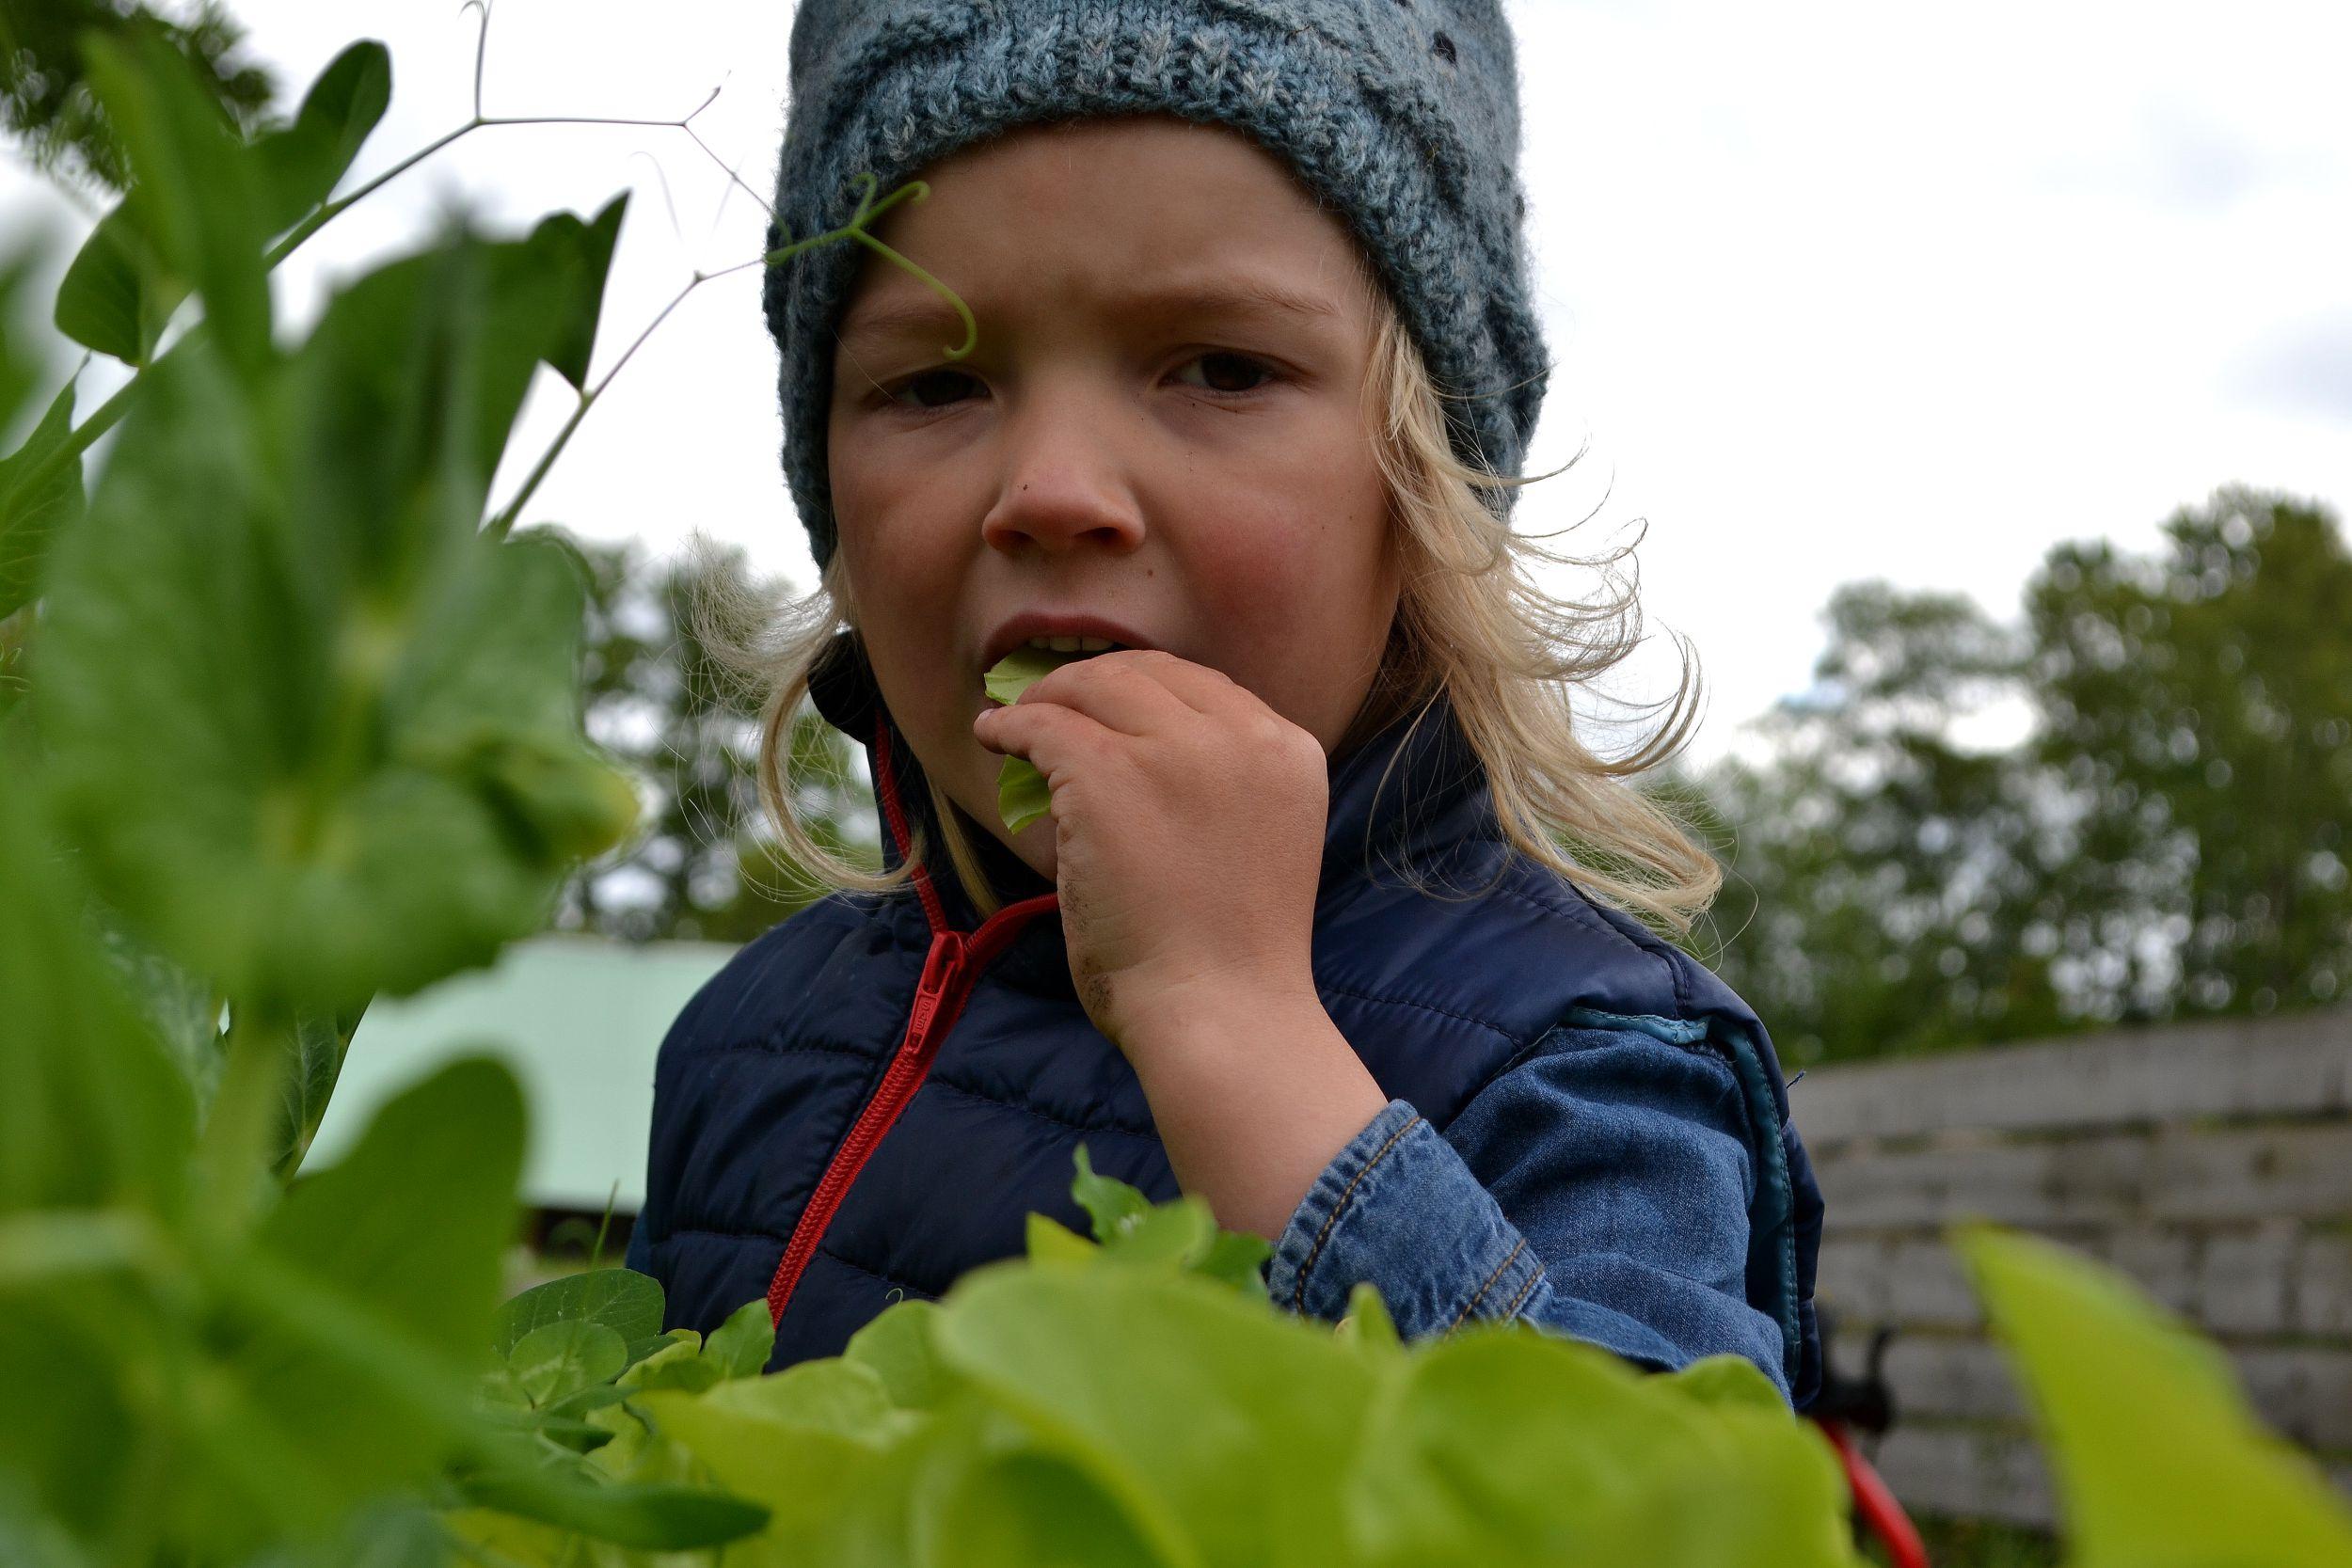 En pojke äter sallat i köksträdgården.